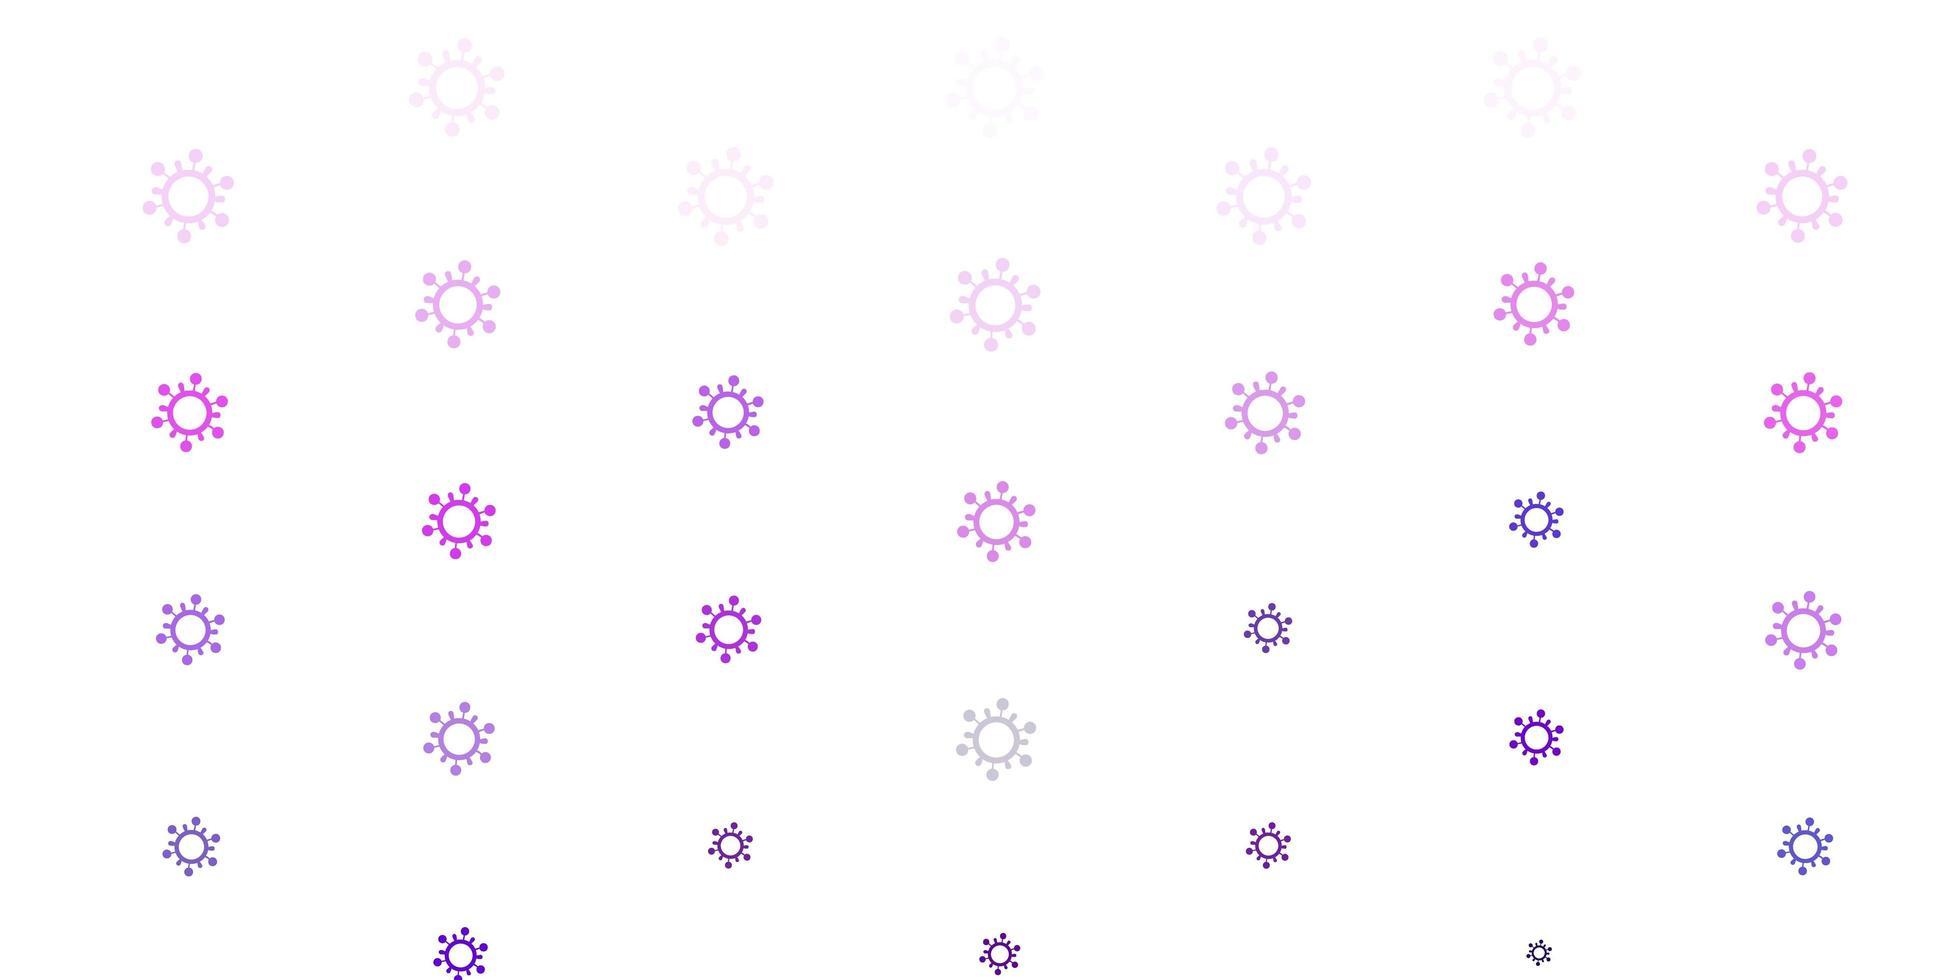 modèle vectoriel violet clair avec des signes de grippe.